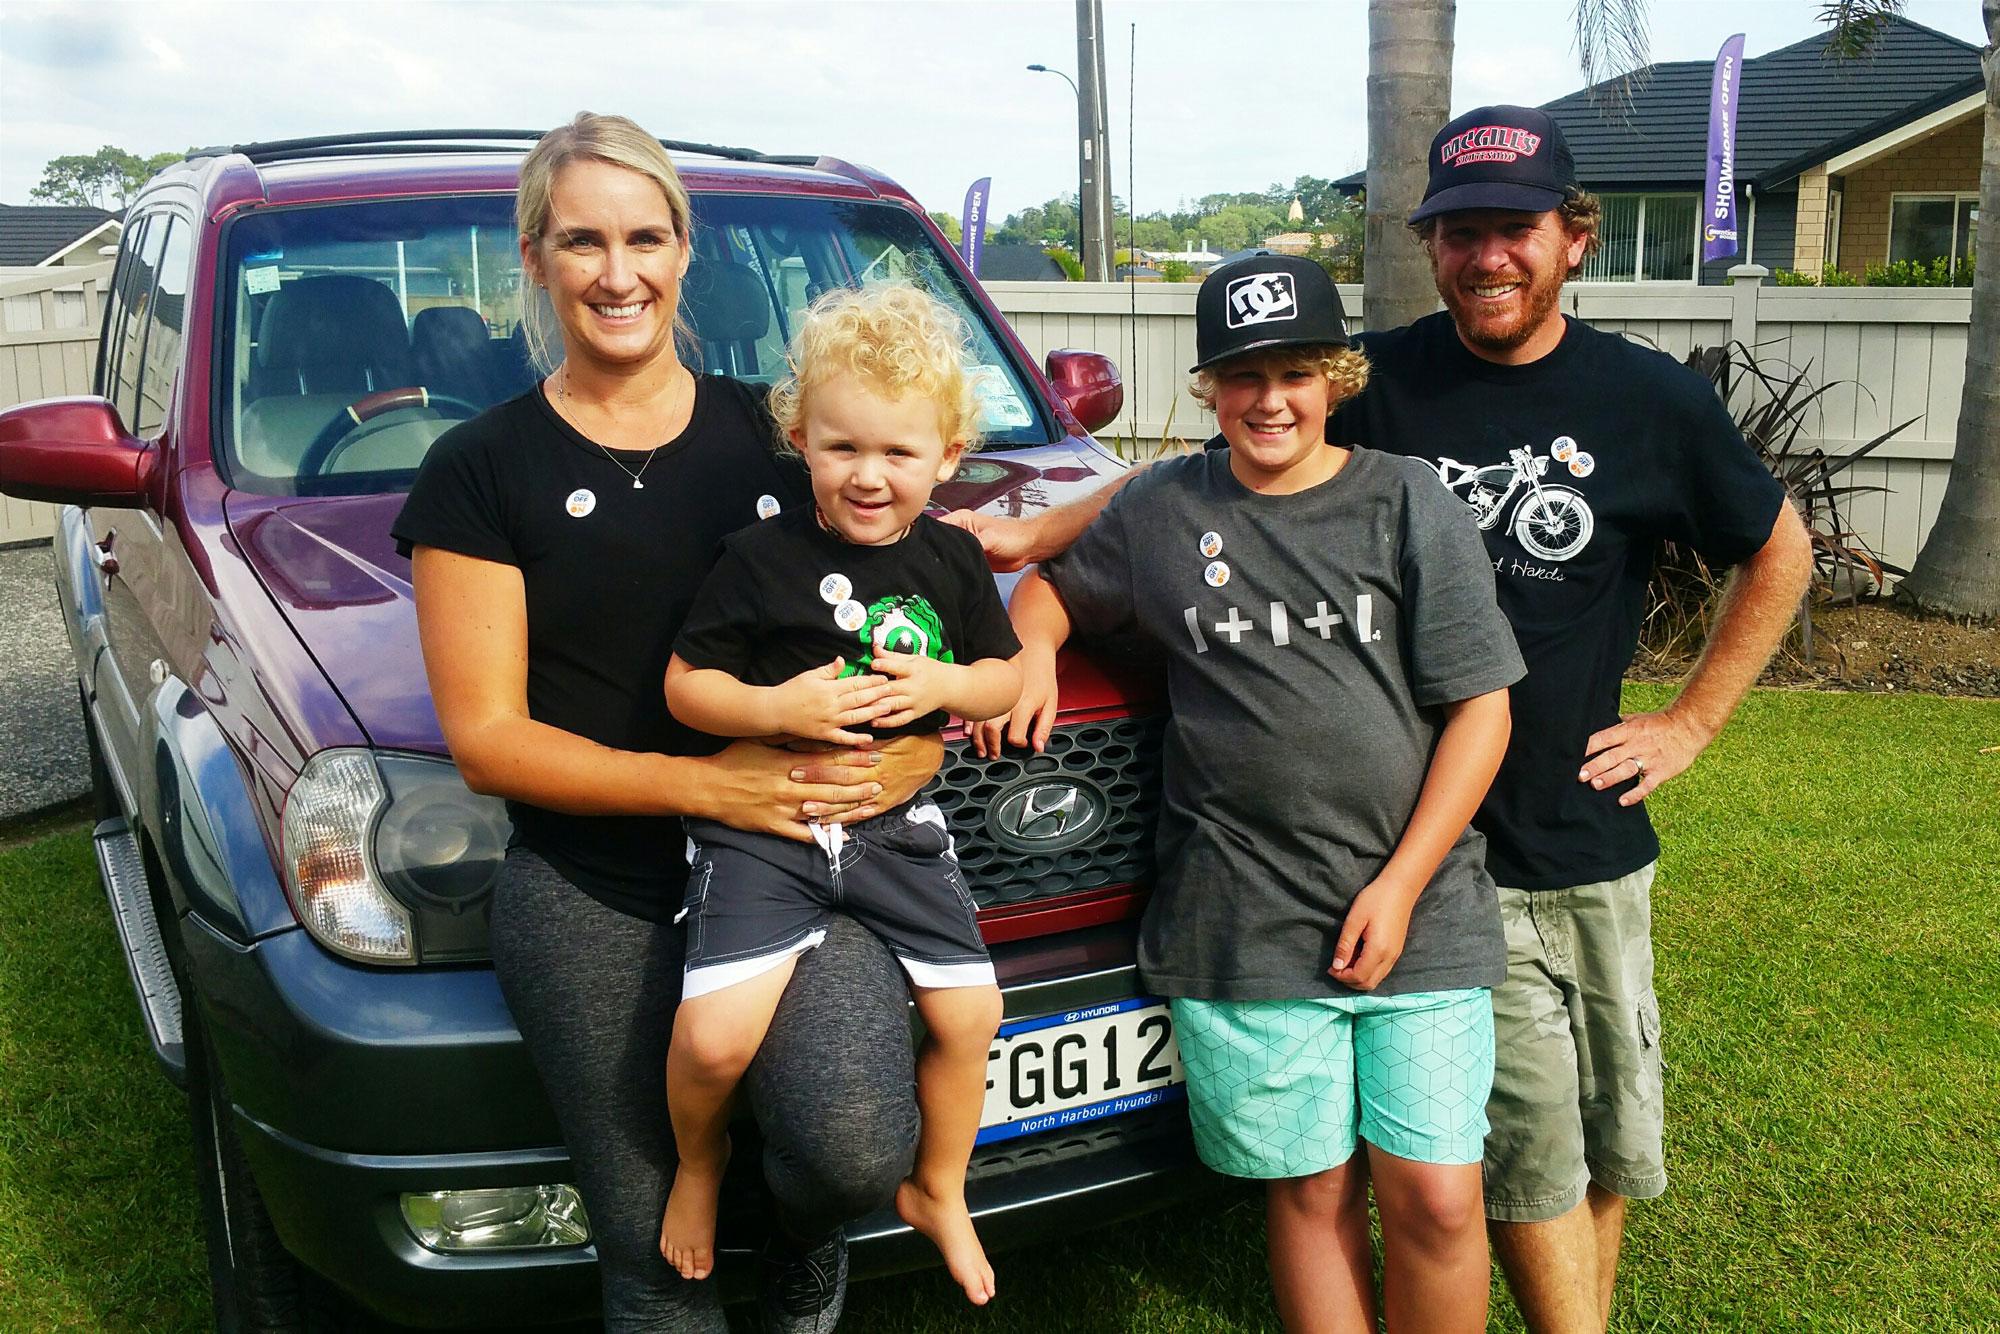 New Zealand's Top Mummy Blogger Family